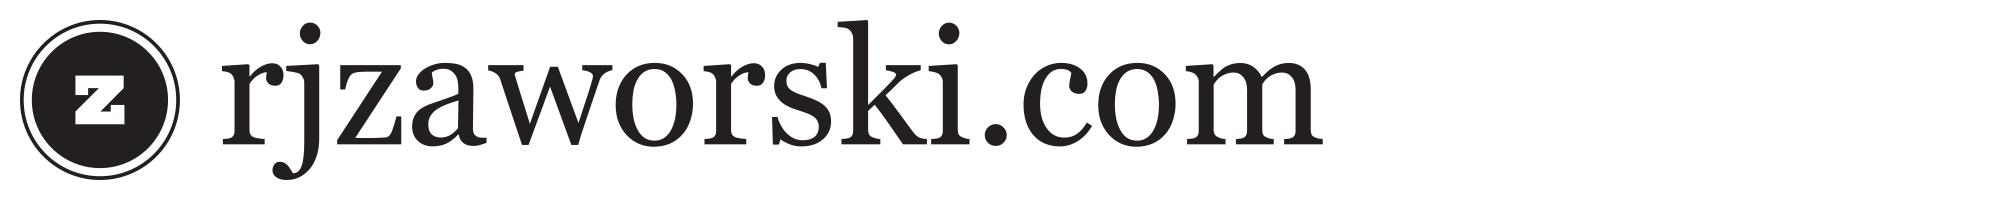 Testing TypeScript with Jest | RJ Zaworski